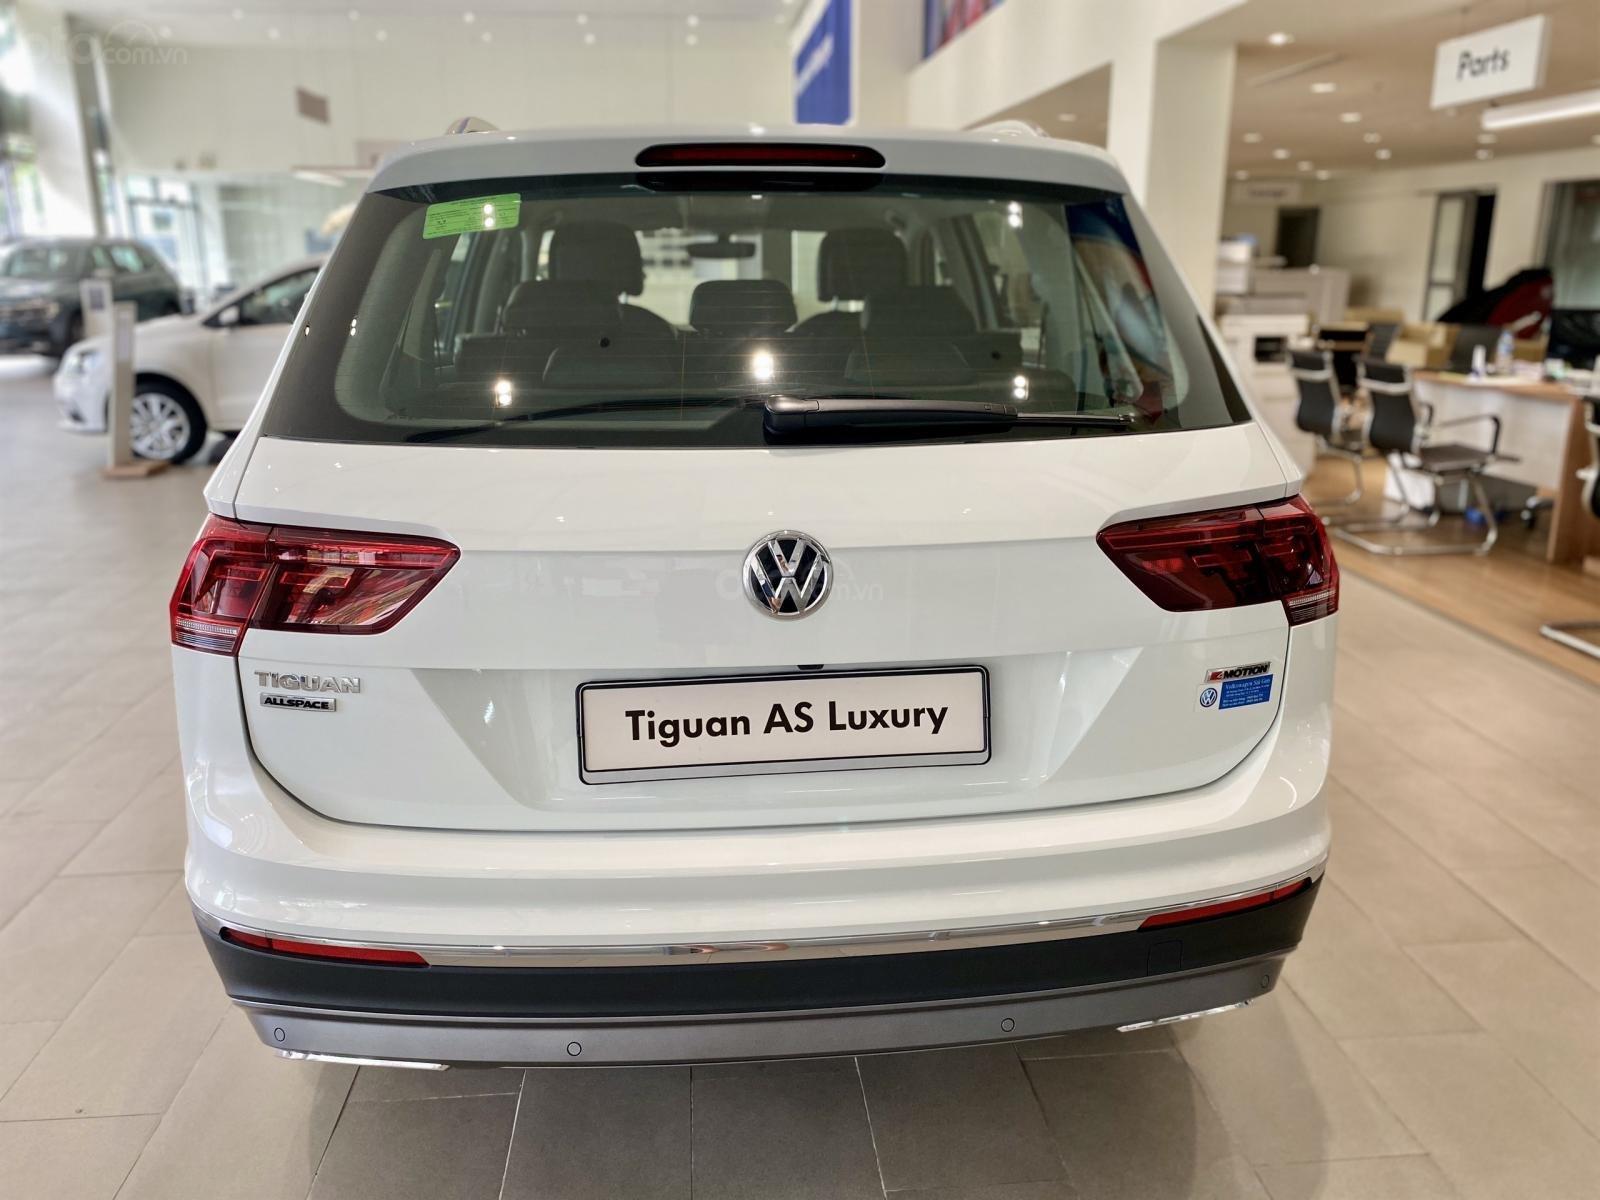 Volkswagen Tiguan Luxury Topline màu trắng, nâng cấp sang trọng - SUV 7 chỗ nhập khẩu - KM tháng ngâu lên đến 170 triệu (2)